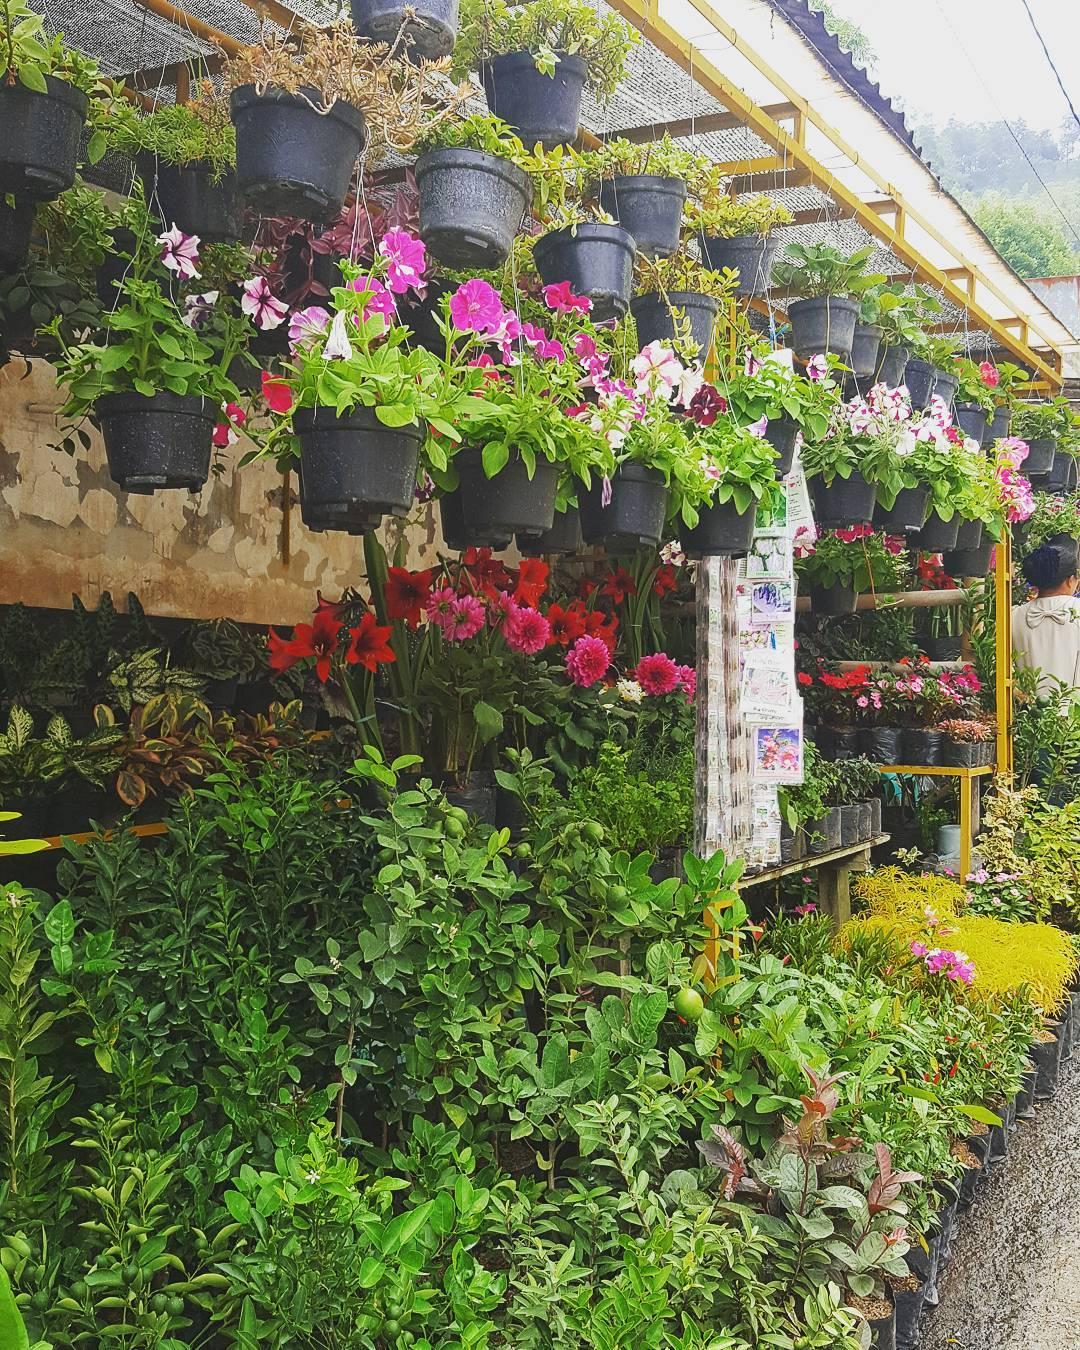 Wisata Belanja Murah Di Malang, Ini Daftarnya • Ongis Travel